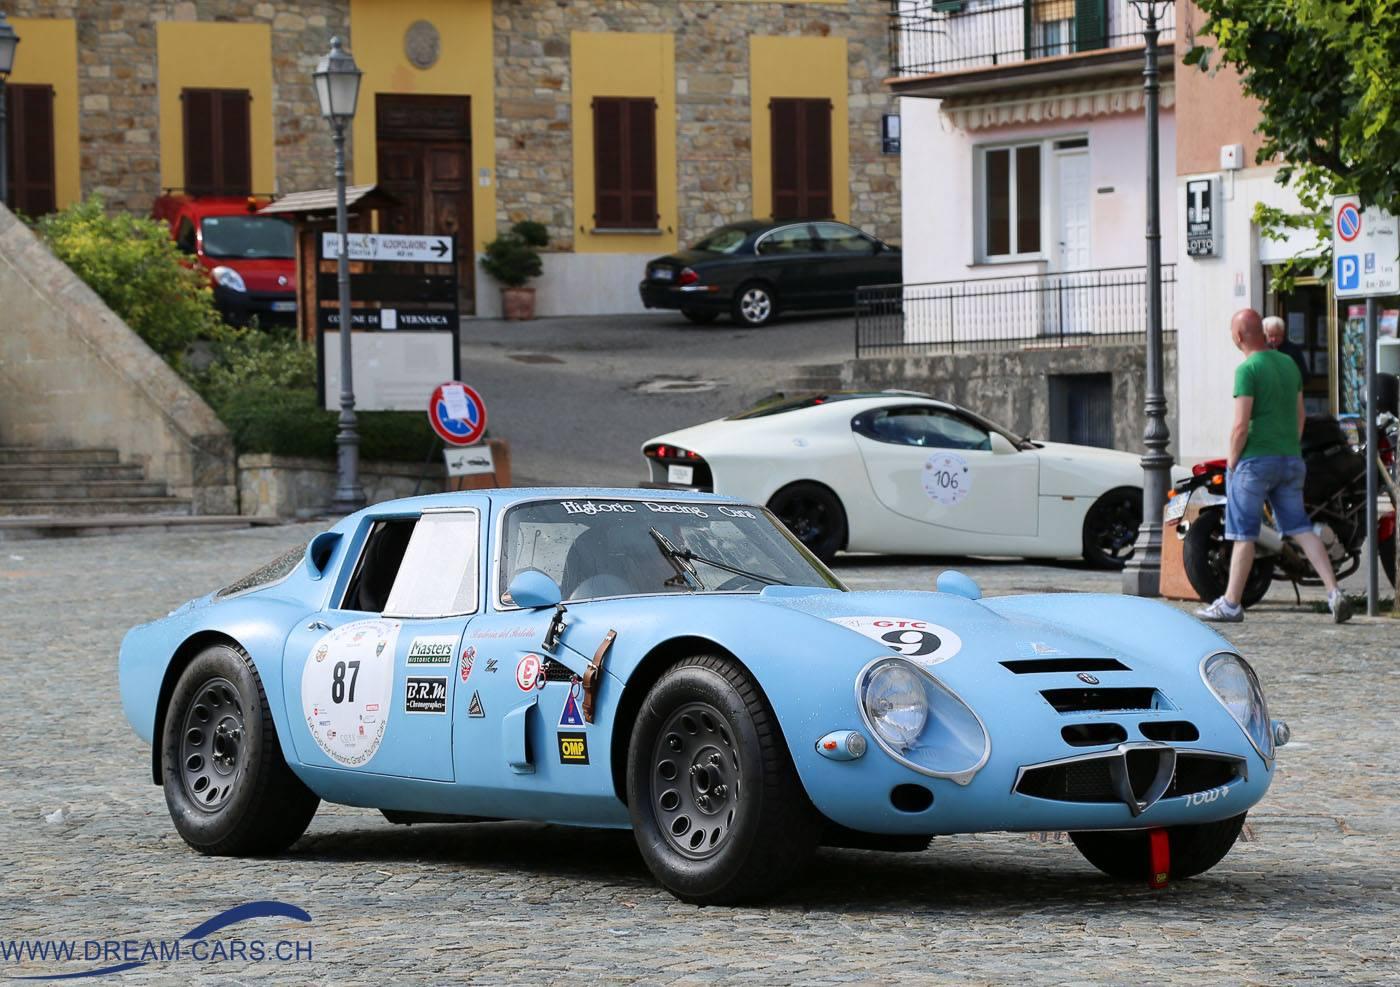 Alfa Romeo TZ 2 in Vernasca